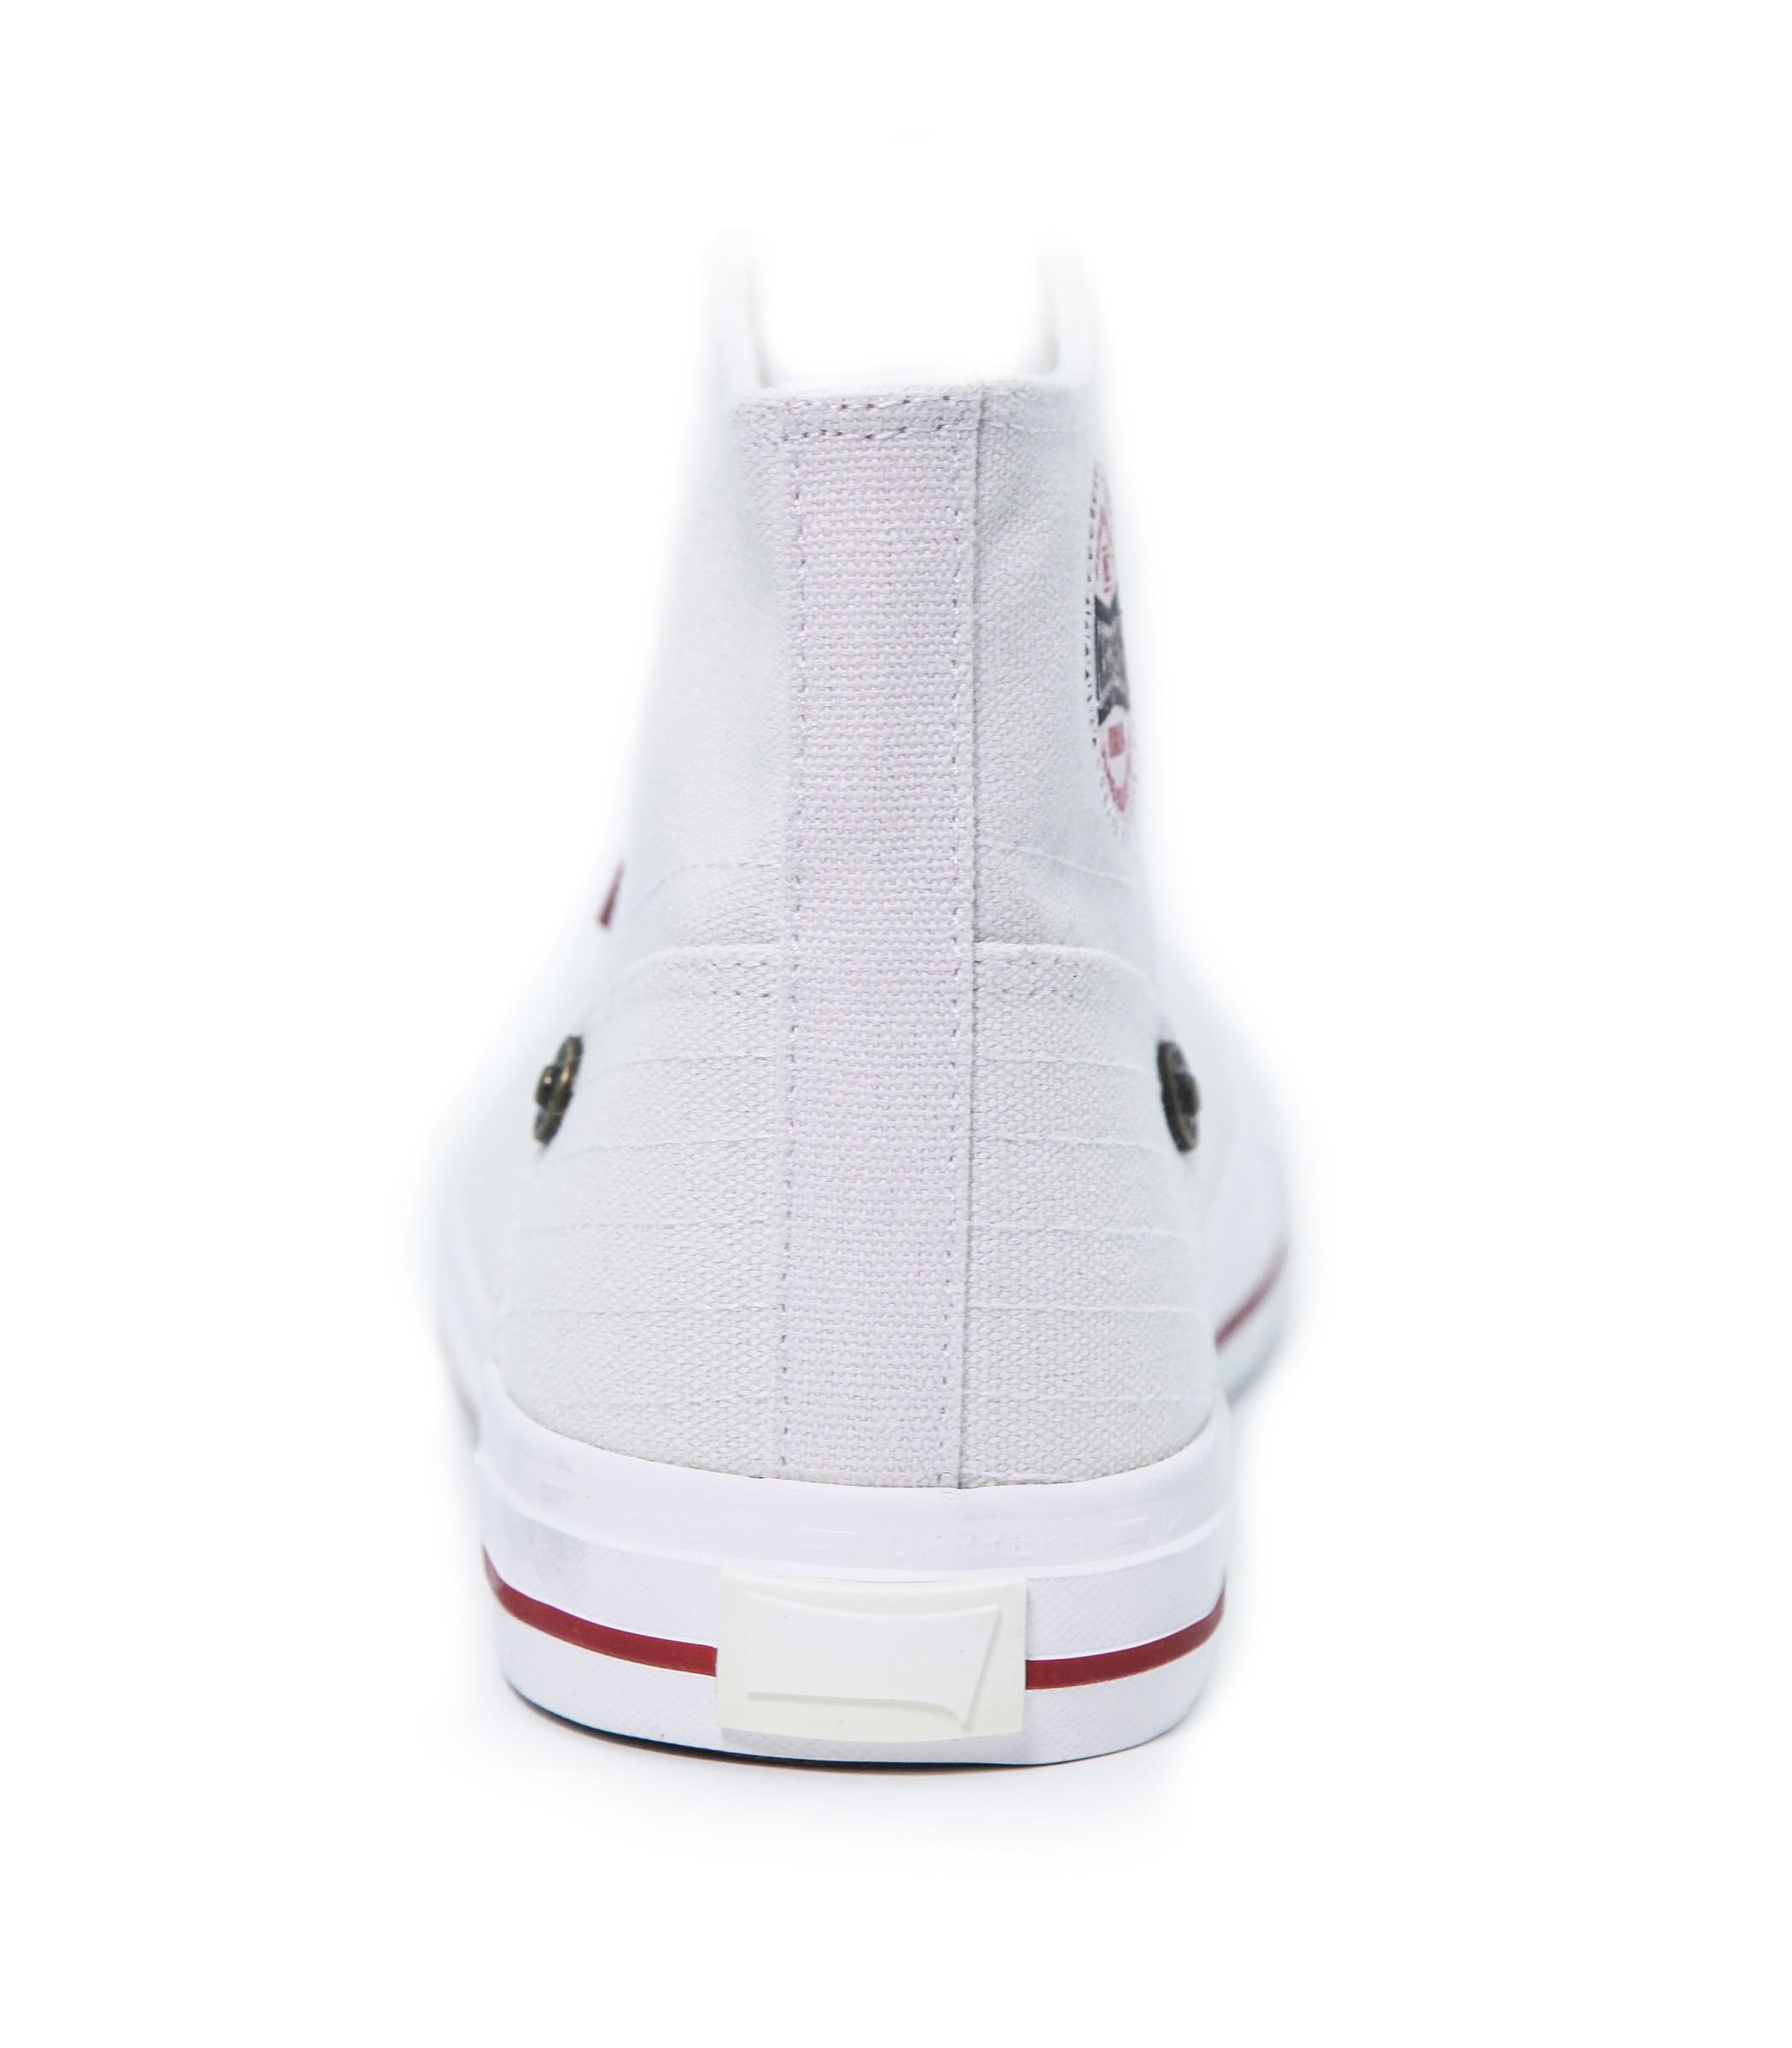 Bianca Tela Alte Scarpe Ginnastica Da Carrera Sneakers In Uomo x0wH7q6w